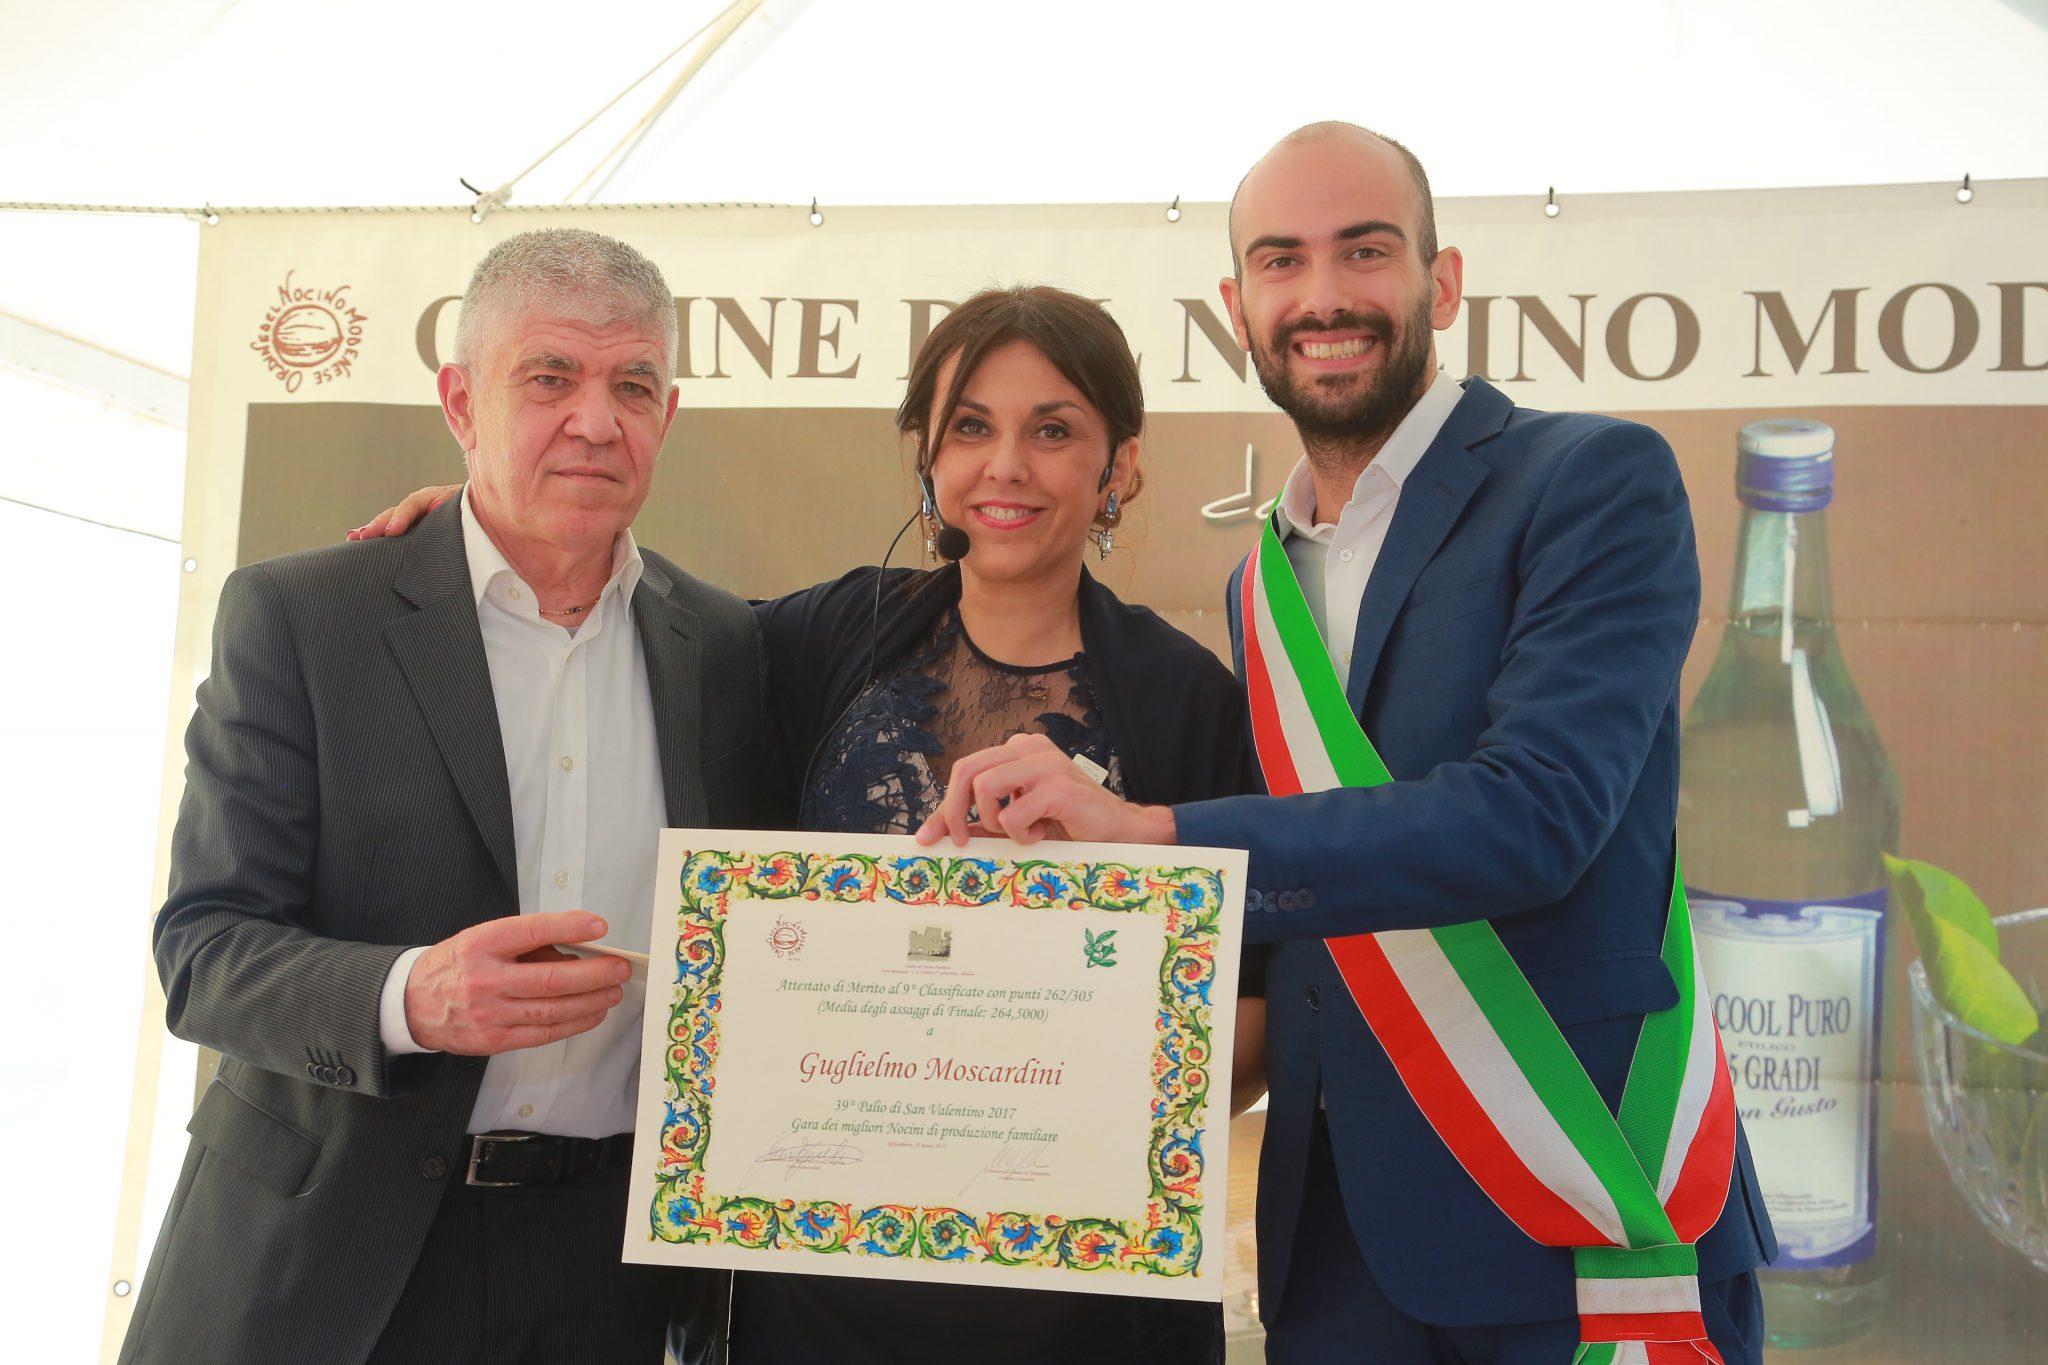 9° Classificato: Guglielmo Moscardini